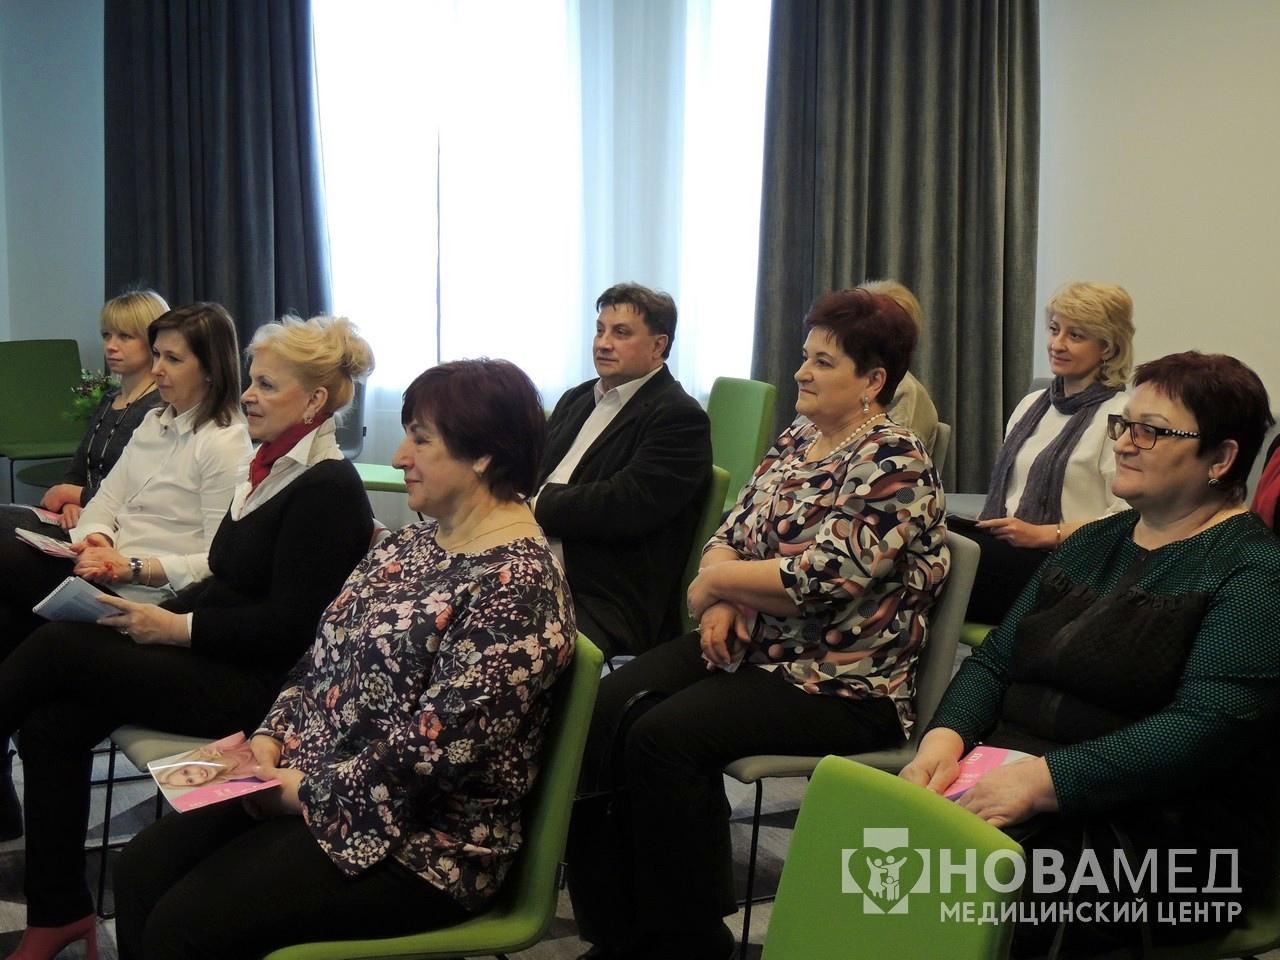 Отделение планирования семьи пренатальной диагностики и женского здоровья